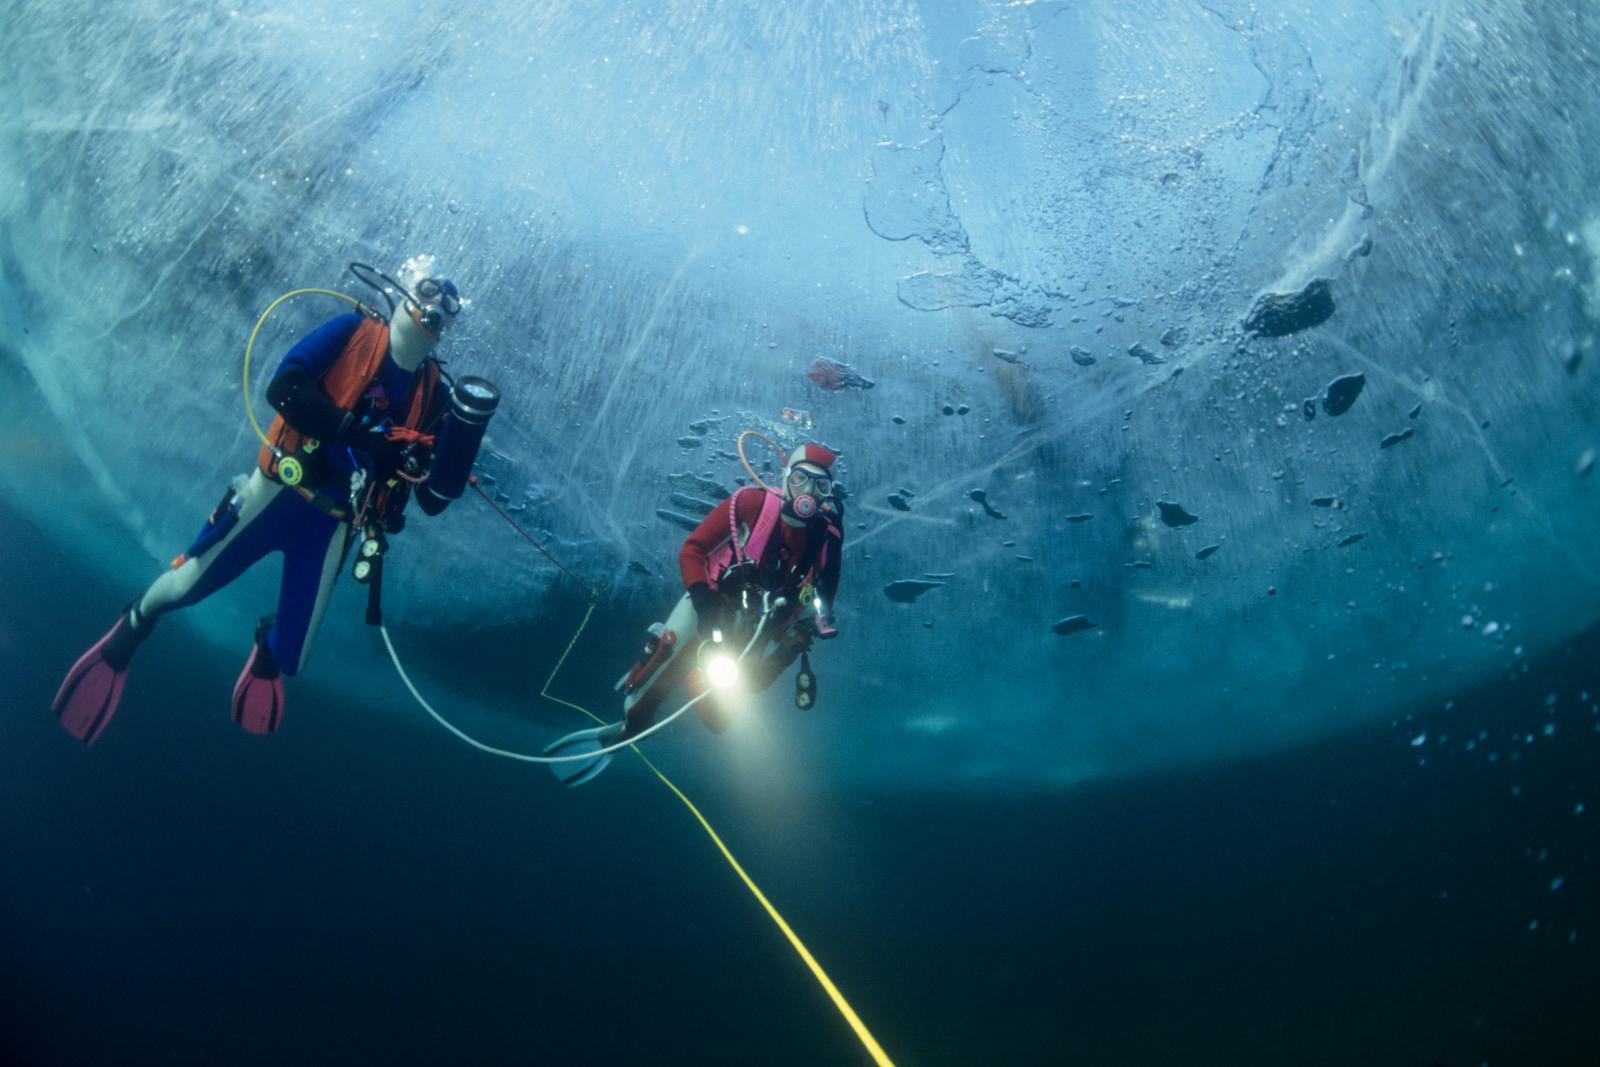 Картинки по запросу ice diving